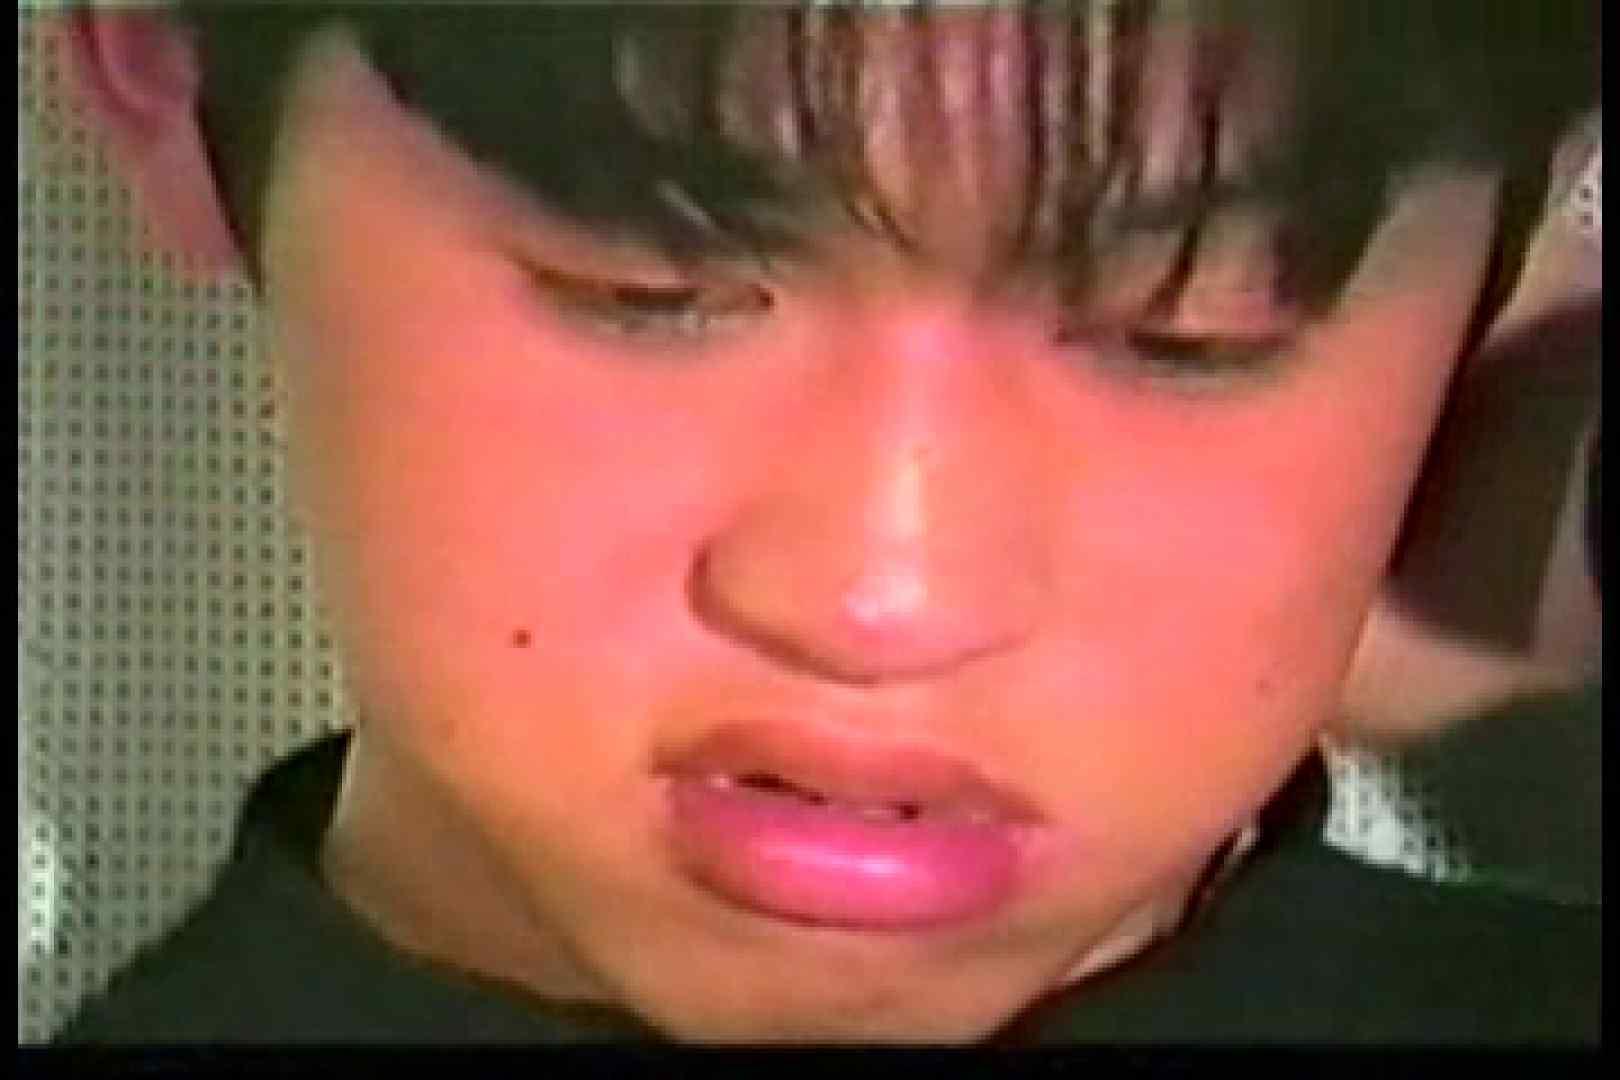 【流出投稿】若きあの頃の思ひでSEX! キス特集   男まつり ゲイアダルトビデオ画像 109枚 34